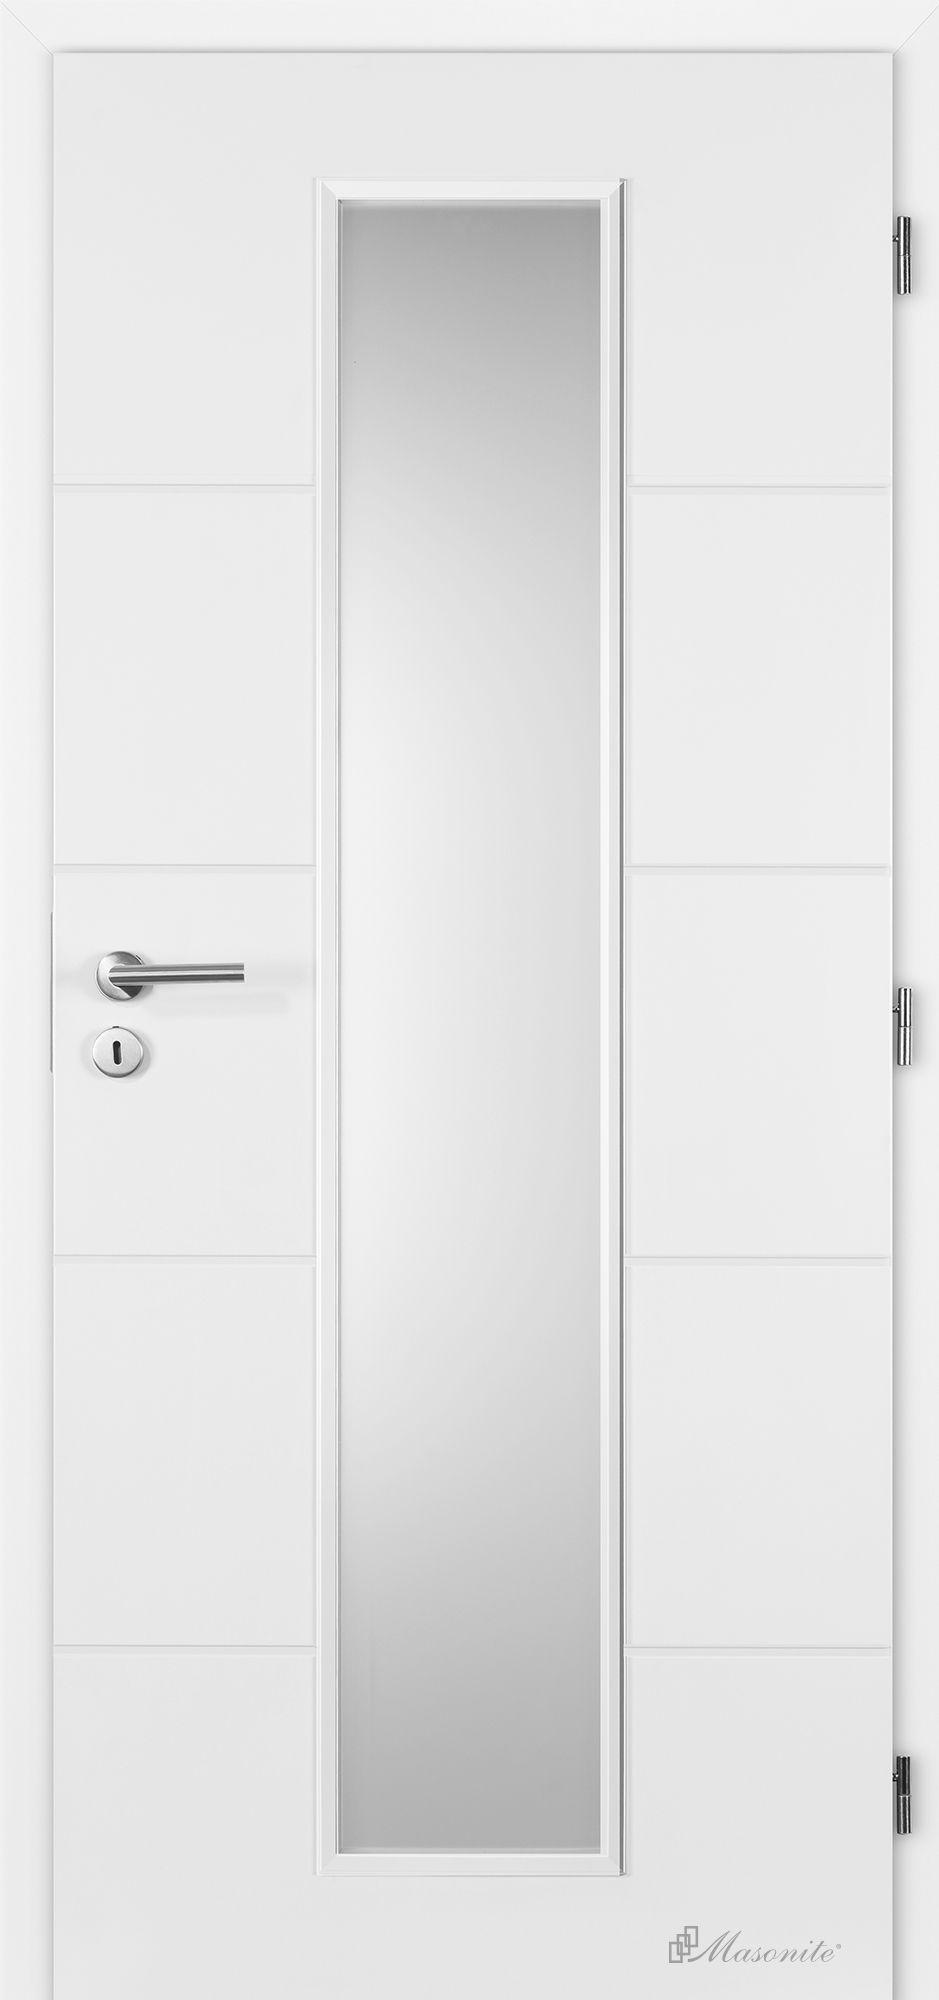 Masonite interiérové dveře QUATRO Linea hladké bílé 60 cm, voština